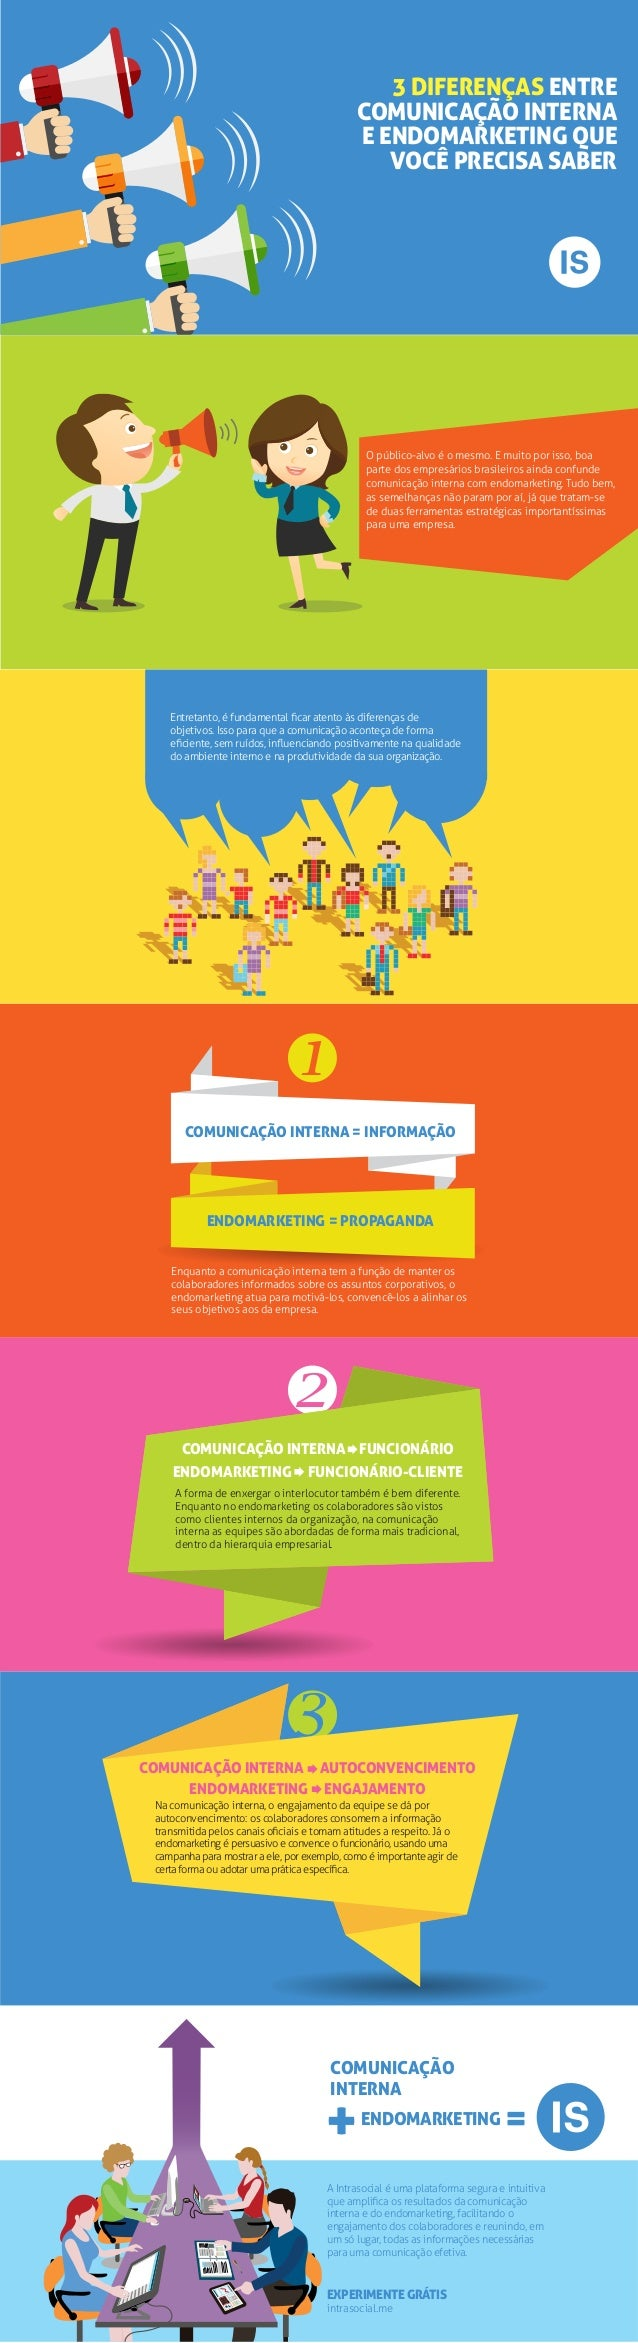 A Intrasocial é uma plataforma segura e intuitiva que amplifica os resultados da comunicação interna e do endomarketing, fa...